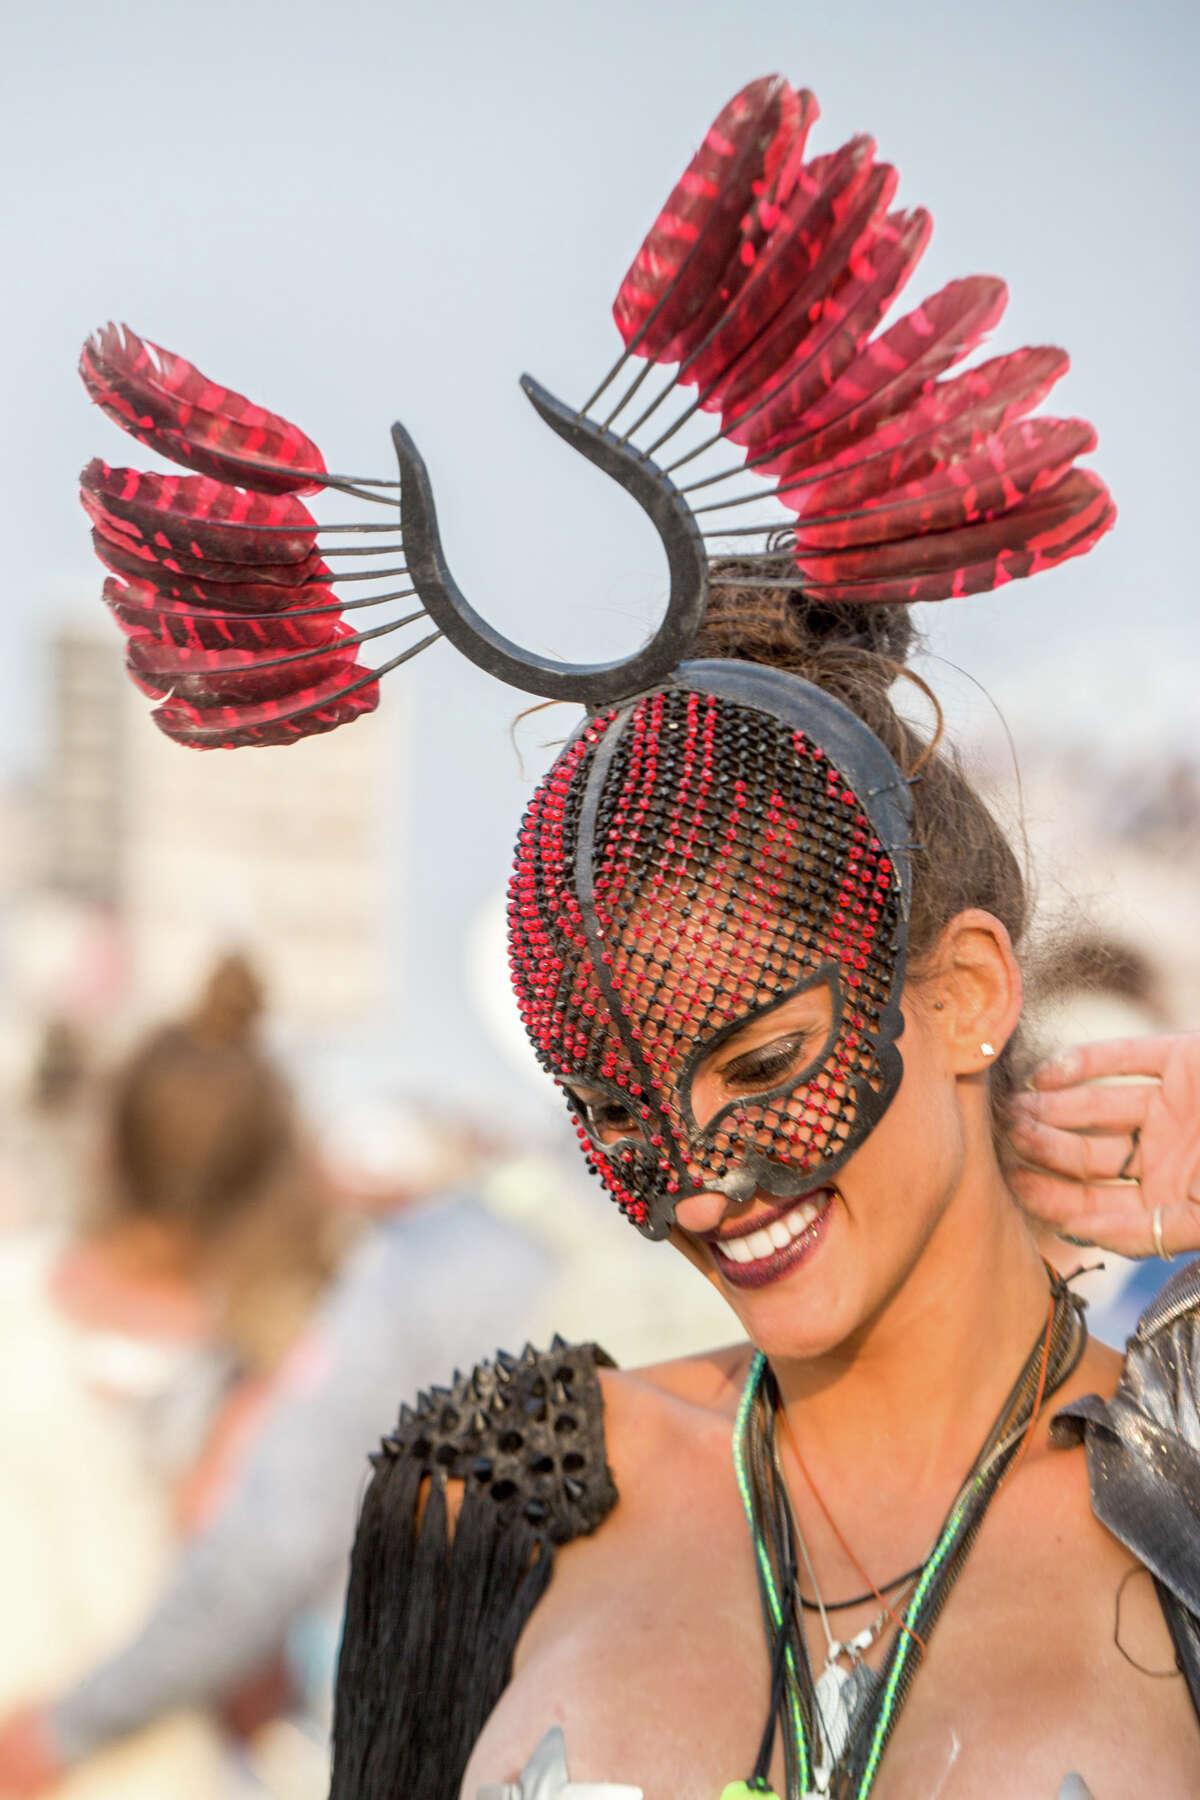 Dubai based fashion designer Karen El-Khazen at Burning Man 2017.